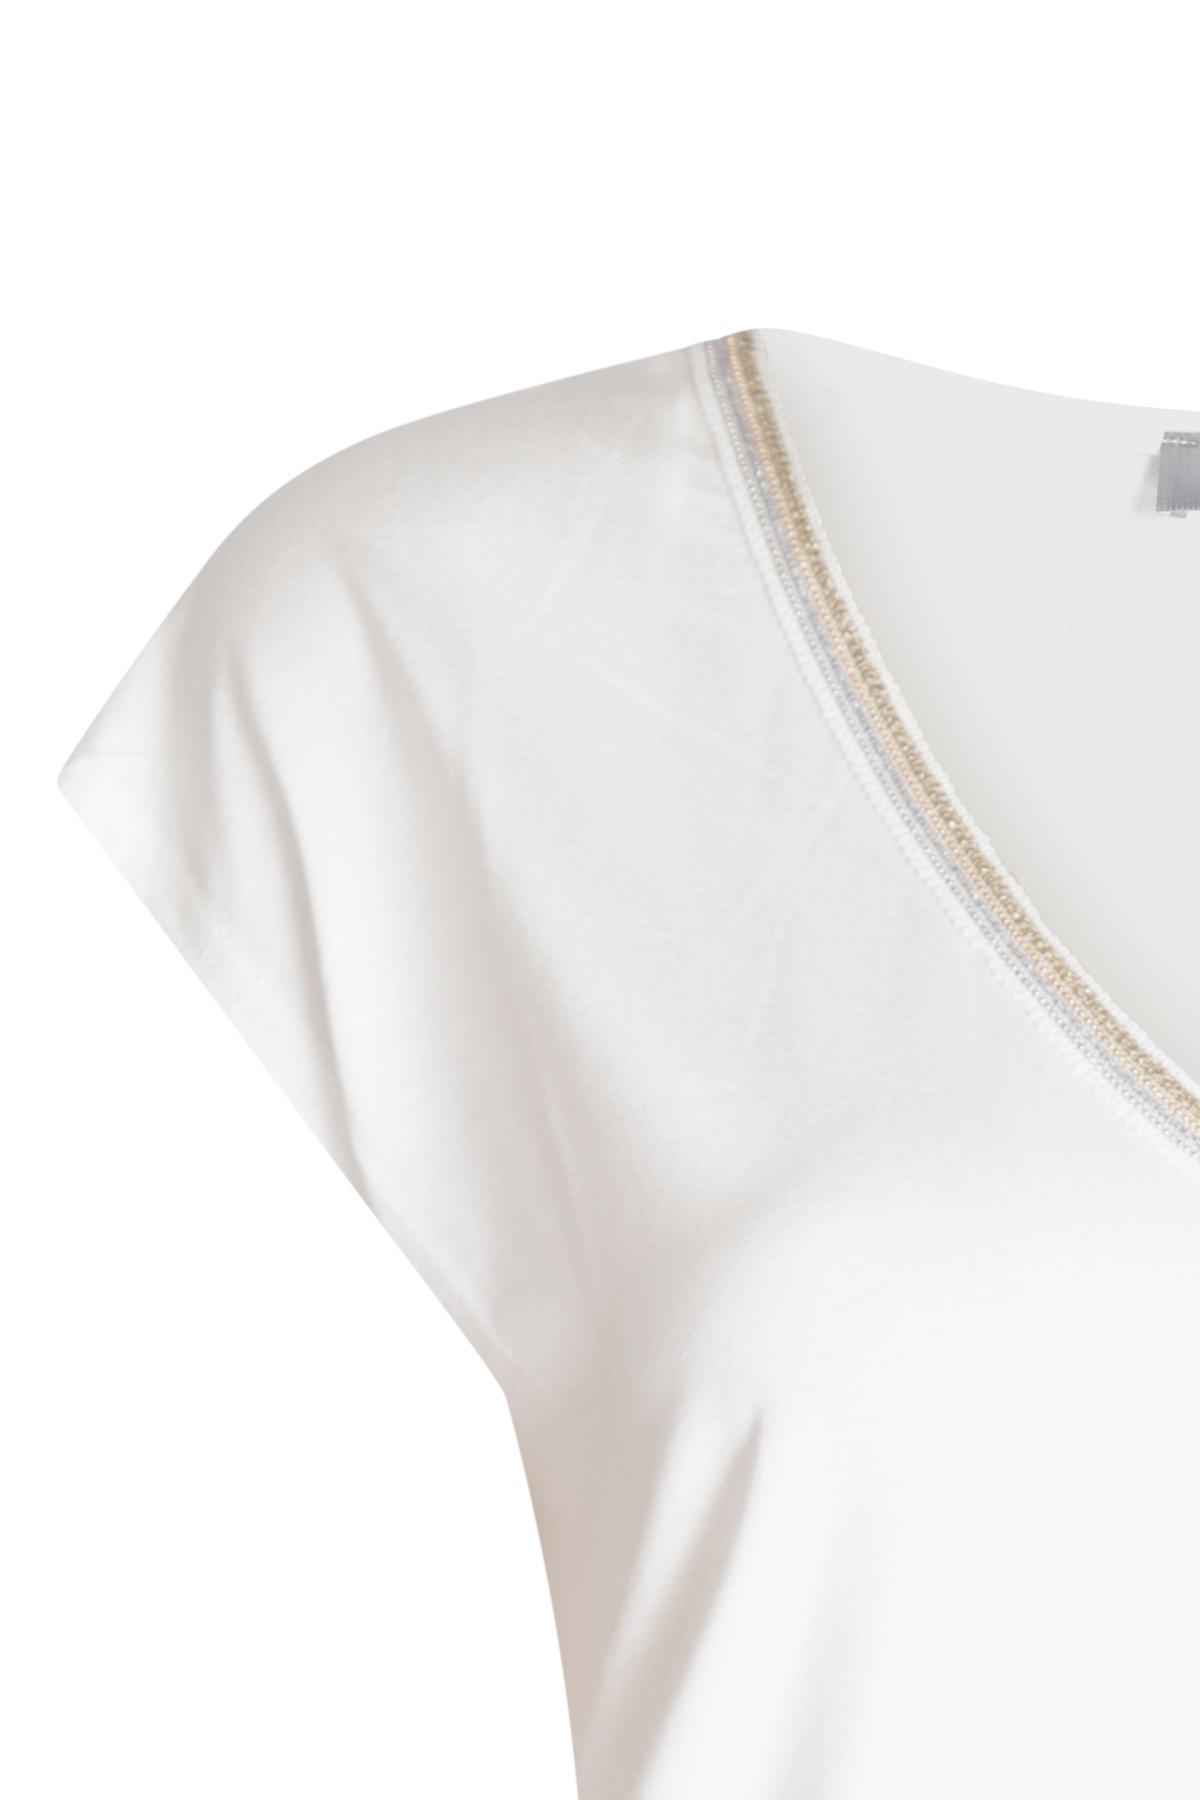 Geisha Shirt - Top Wit 03447-20